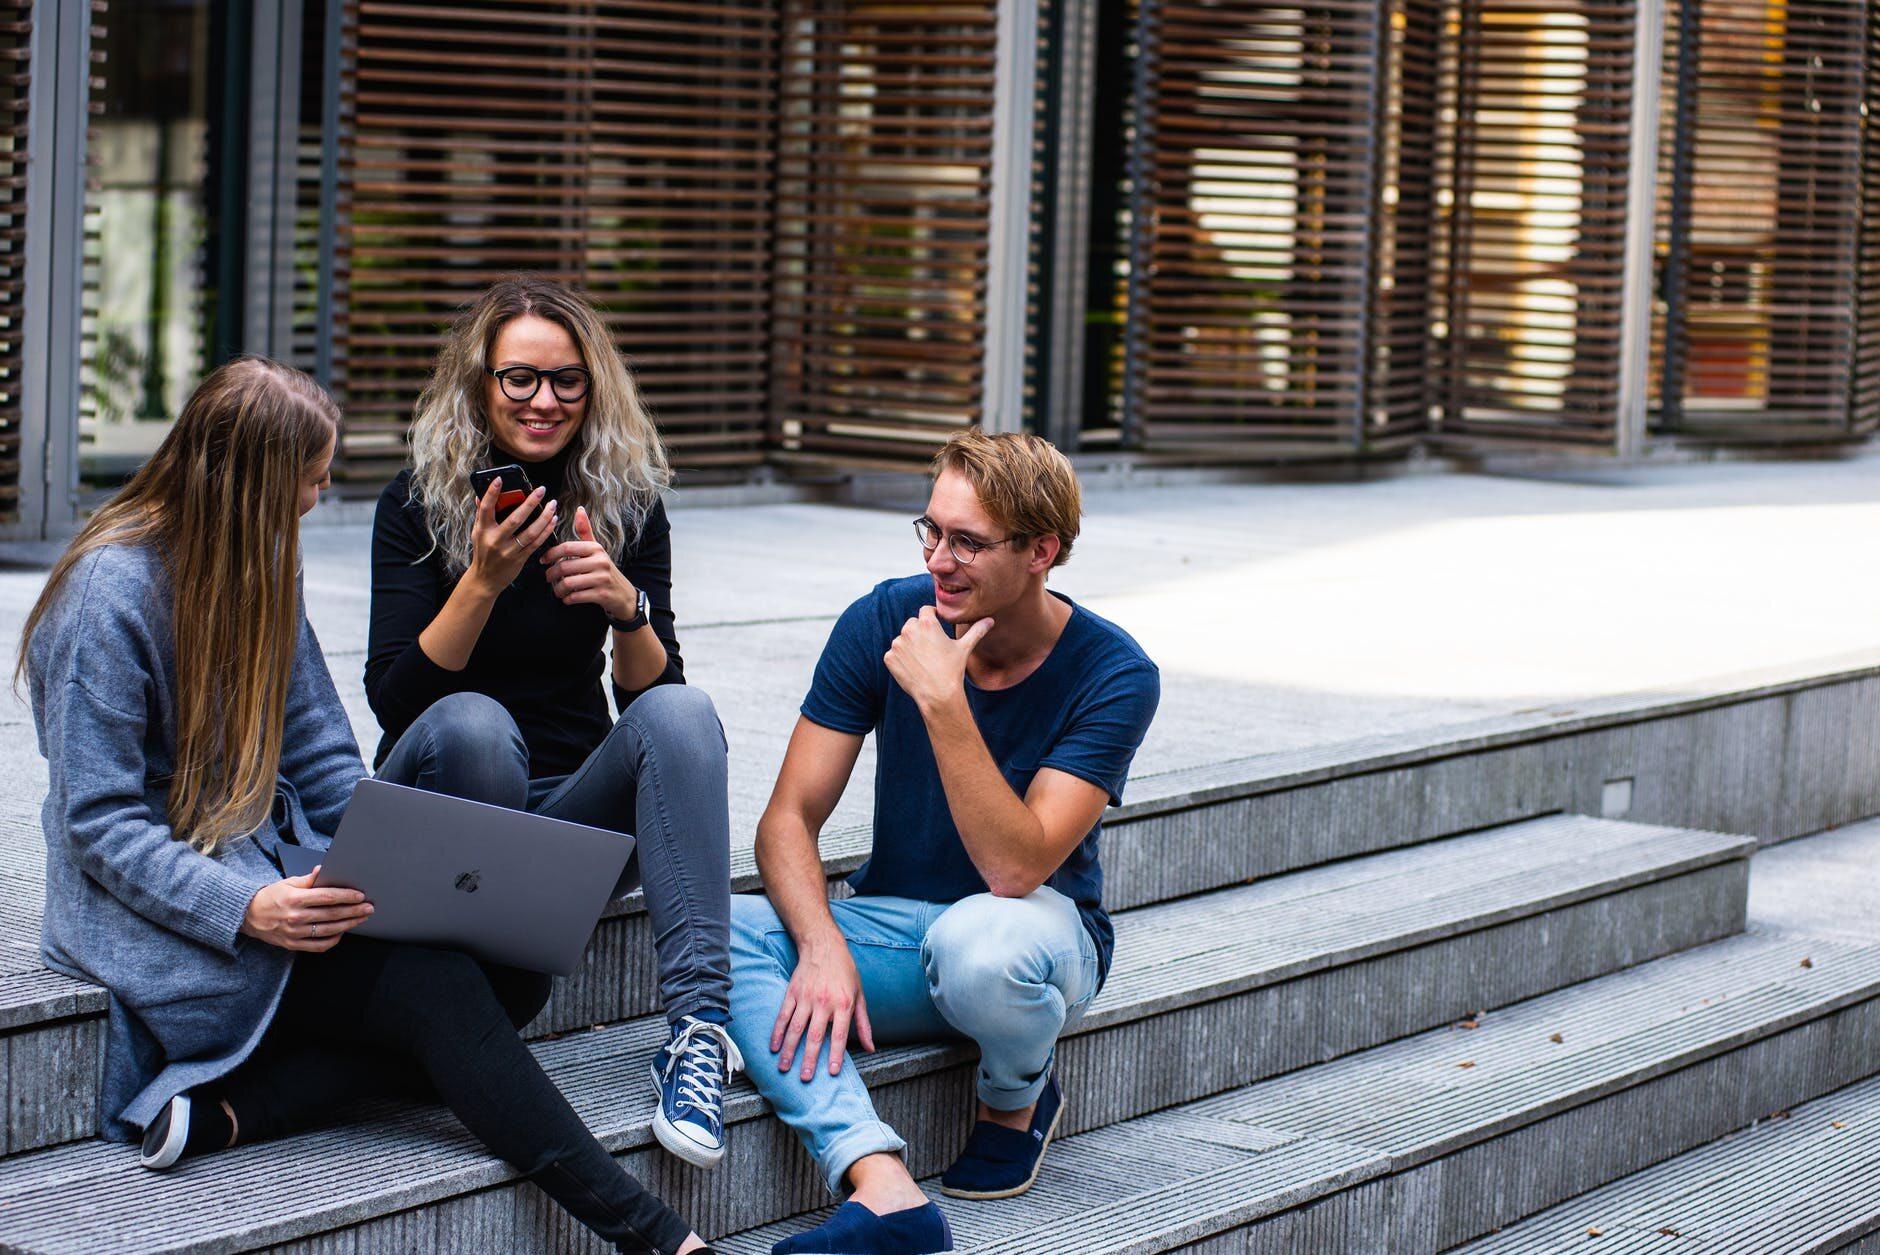 Studenci, zdjęcie ilustracyjne